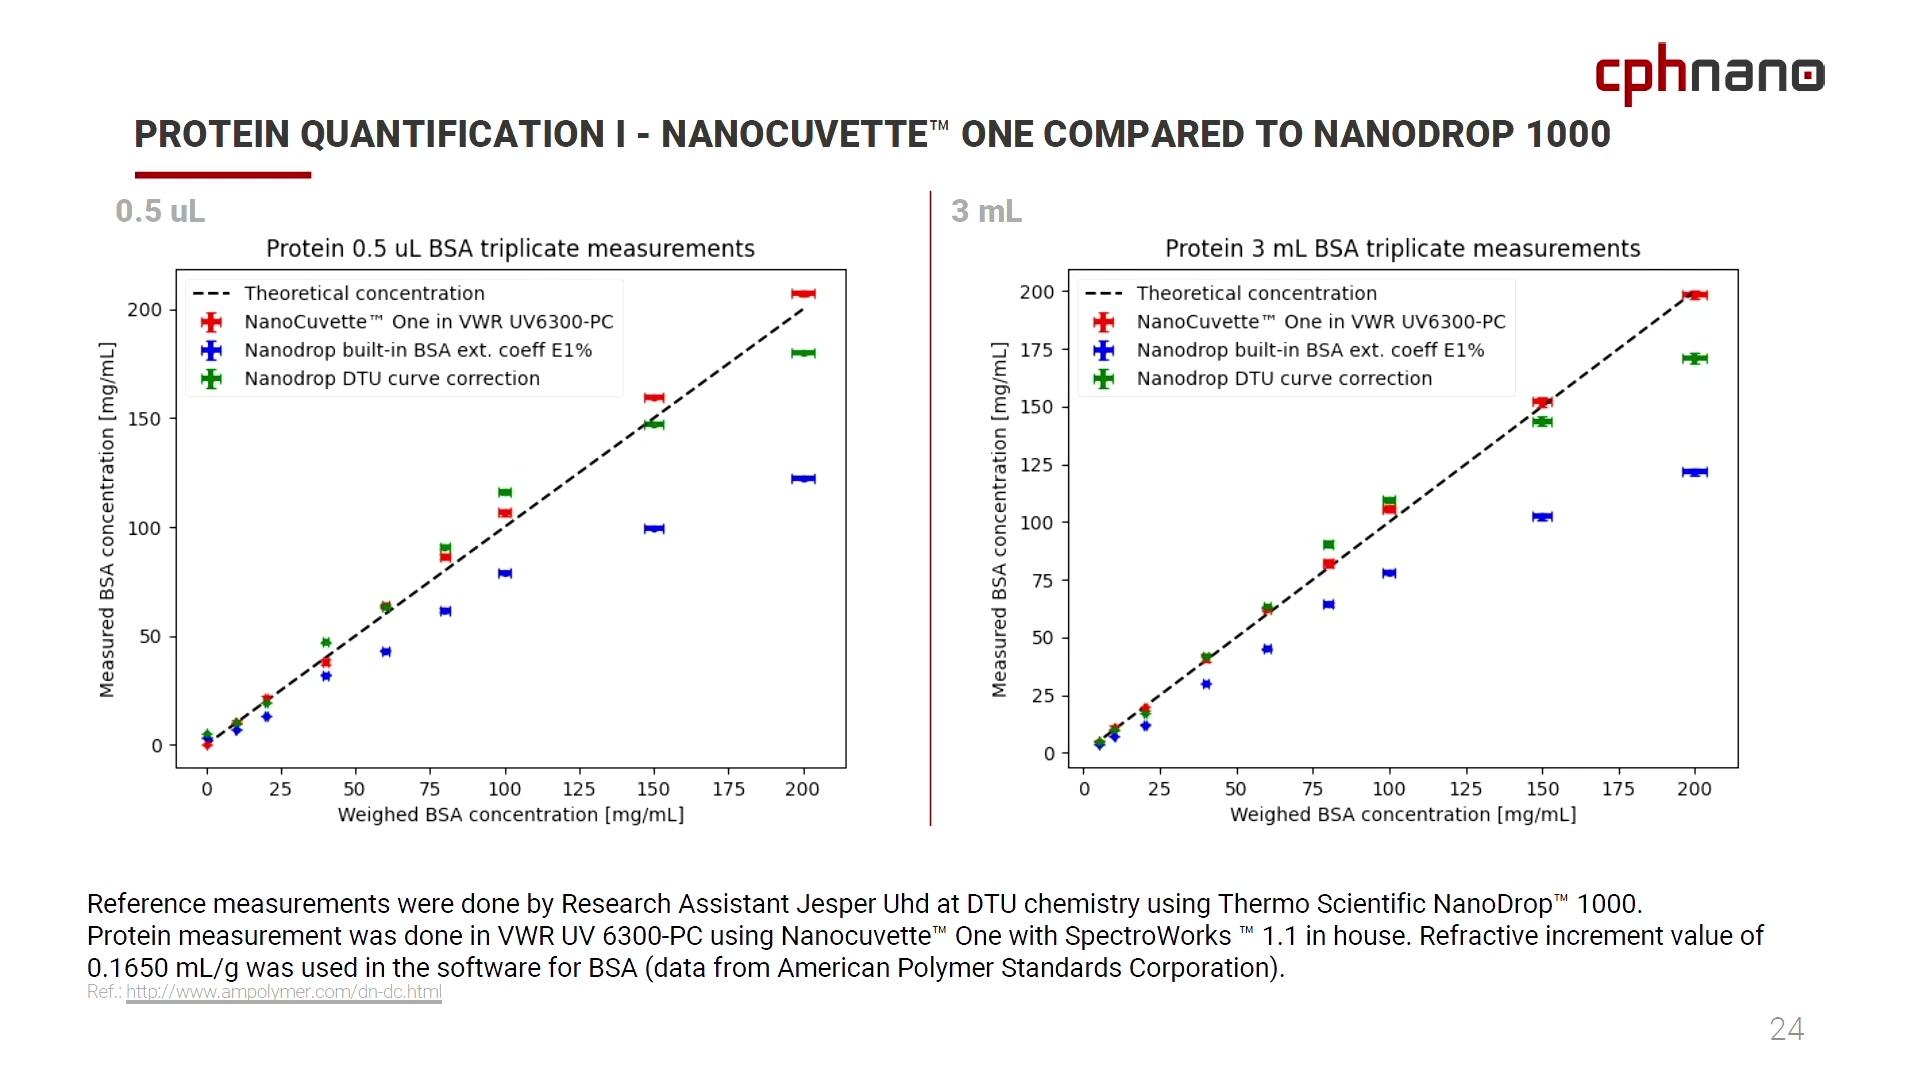 VDEO_20210701_vwr_webinar_Clip_08_Data_Comparison_NanoCuvette_versus_Nanodrop_with_intro_outro